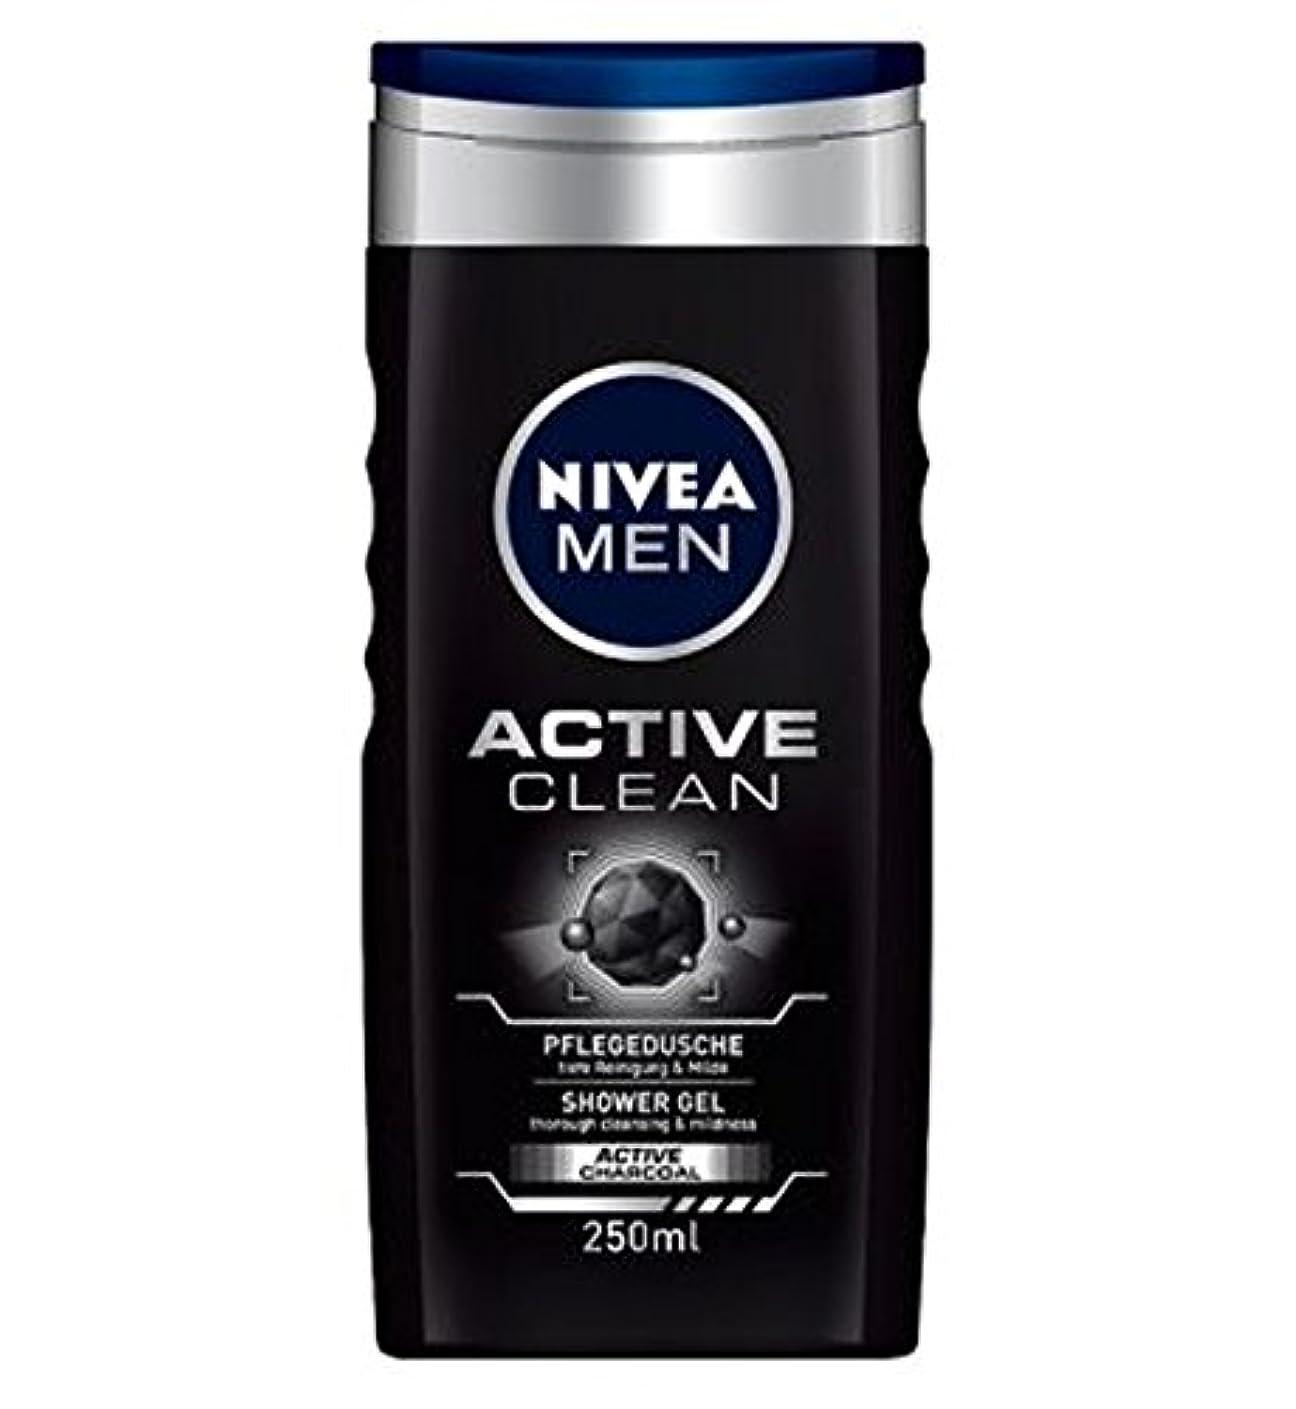 間違い捧げる操作可能NIVEA MEN Active Clean Shower Gel 250ml - ニベアの男性アクティブクリーンシャワージェル250ミリリットル (Nivea) [並行輸入品]